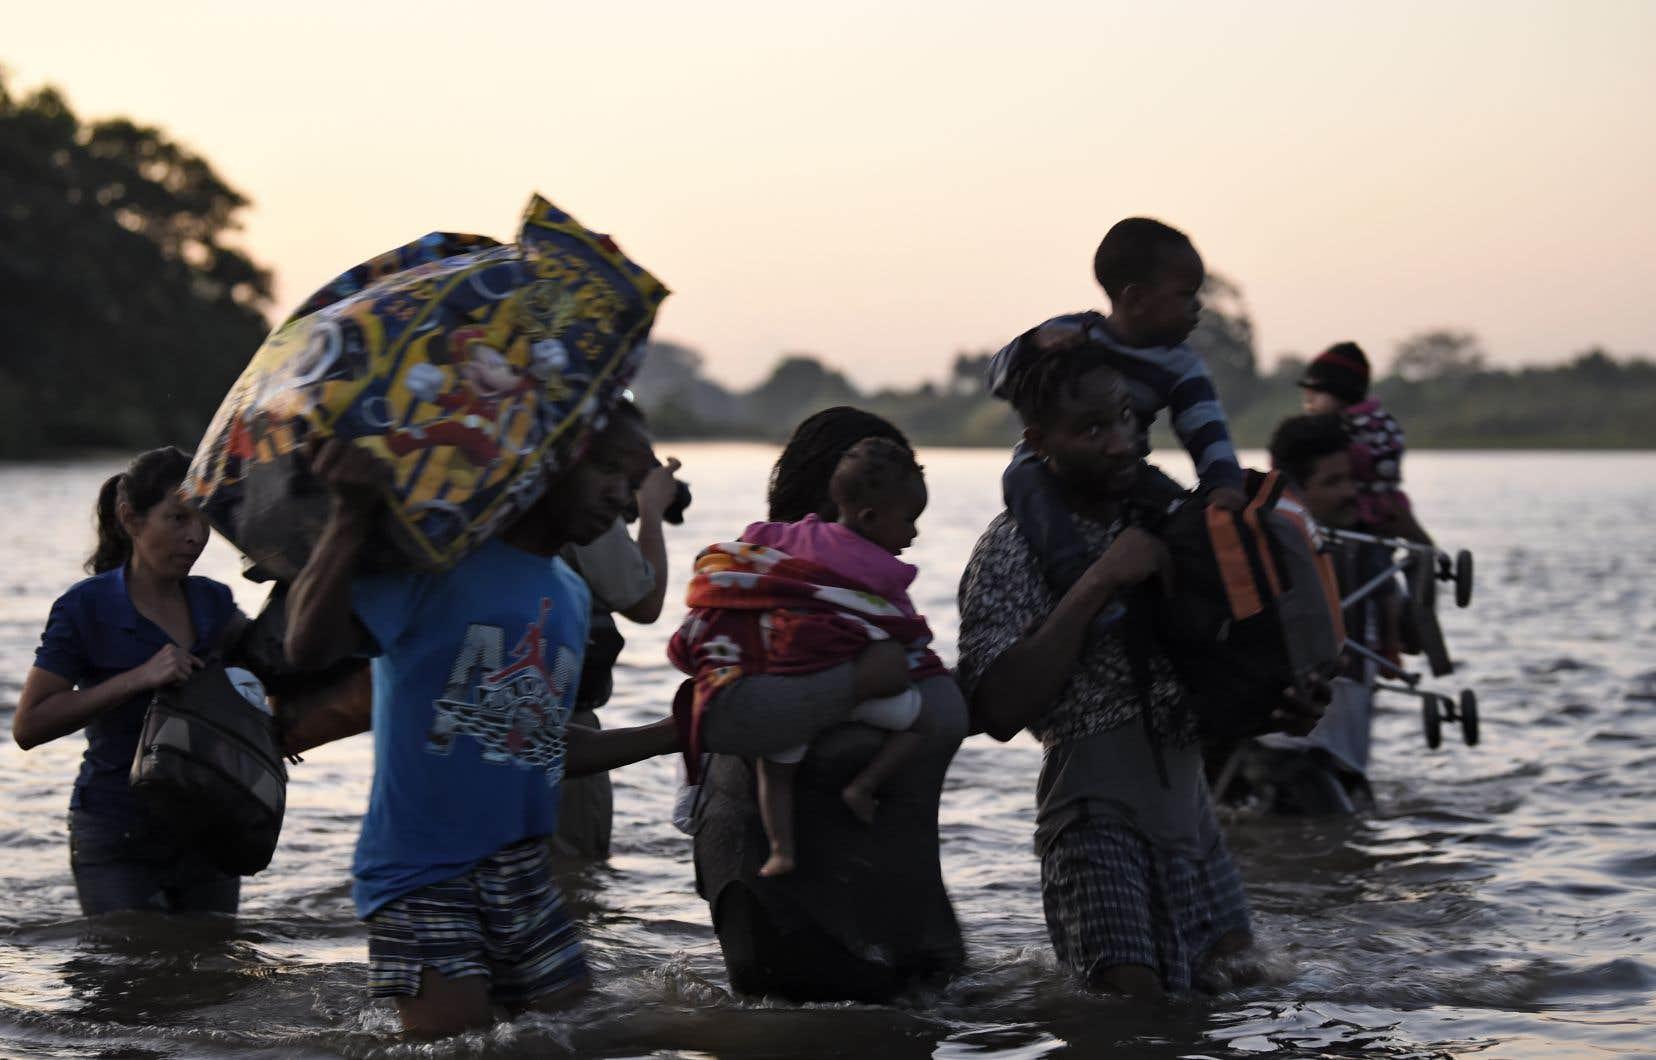 Des migrants d'Amérique centrale traversent le fleuve Suchiate de Tecun Uman, à Ciudad Hidalgo, pour se rendre dans l'État du Chiapas, au Mexique, le 23 janvier 2020.